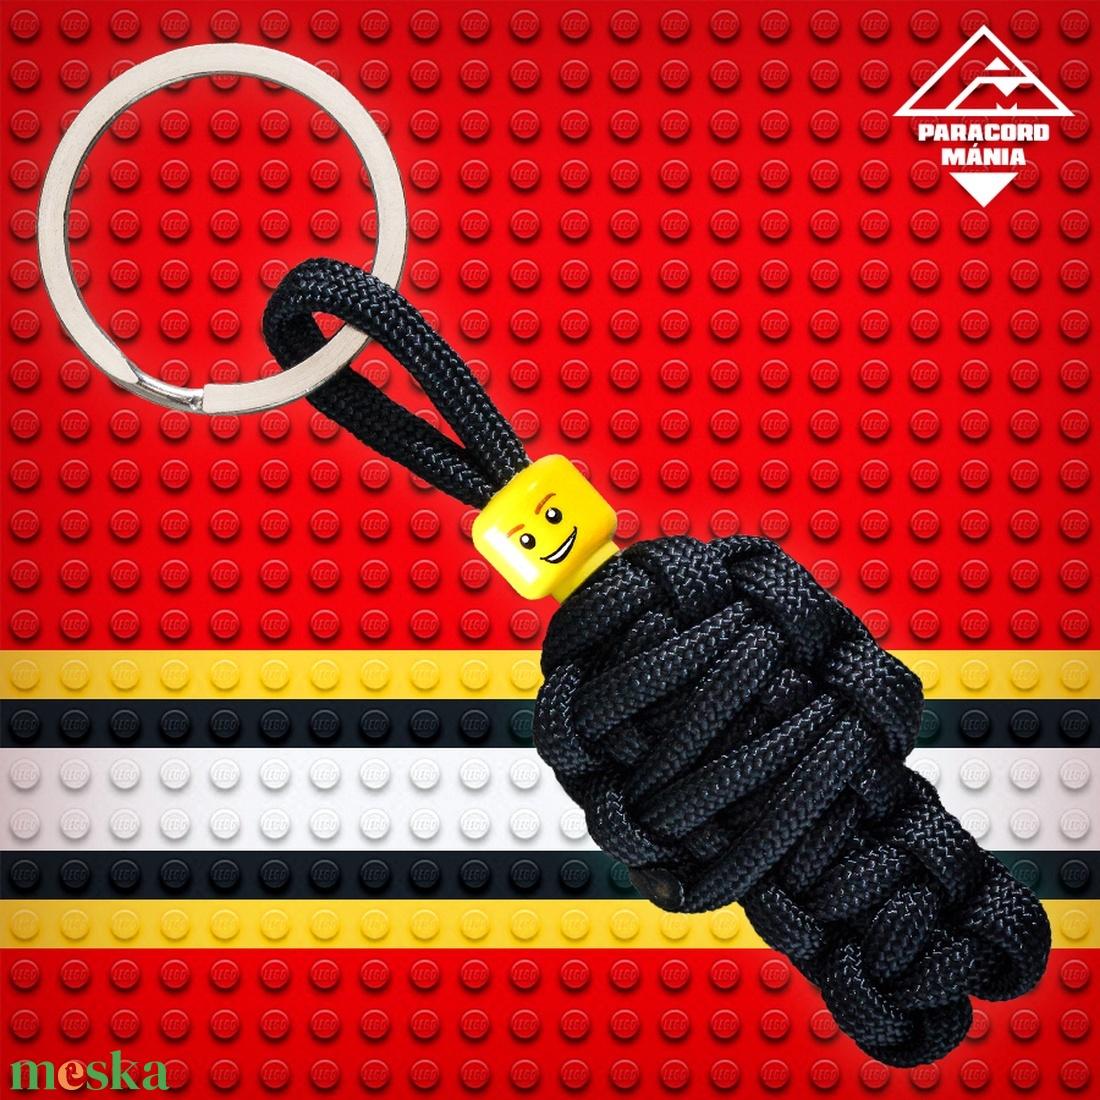 LEGO múmia kulcstartó (paracordmania) - Meska.hu